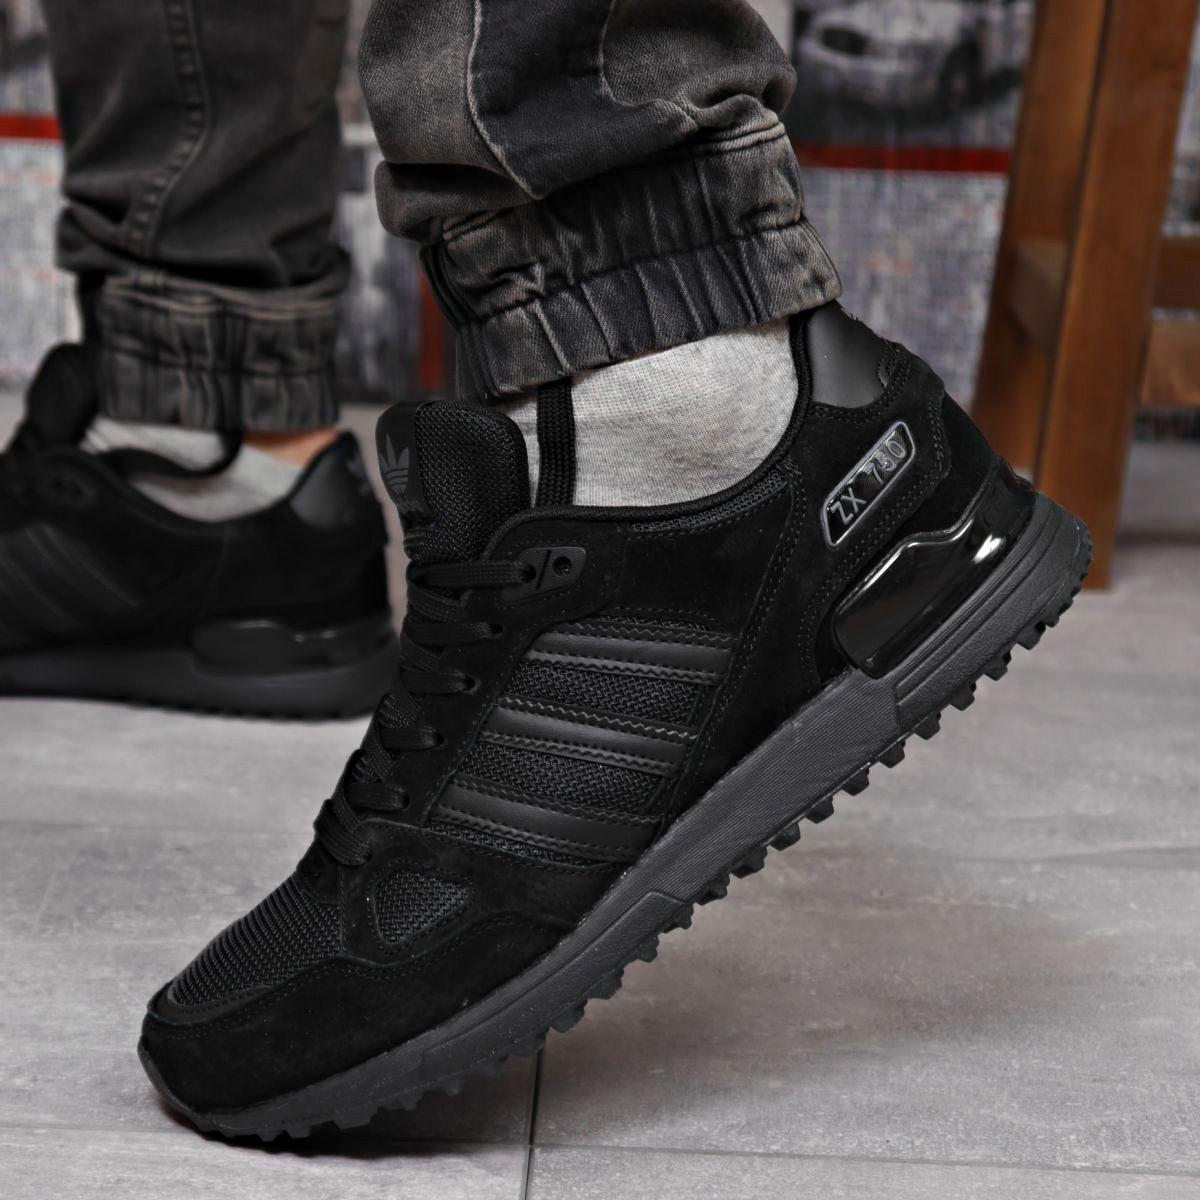 Кроссовки мужские 18164 ► Adidas ZX 750, черные . [Размеры в наличии: 43,44,45,46]